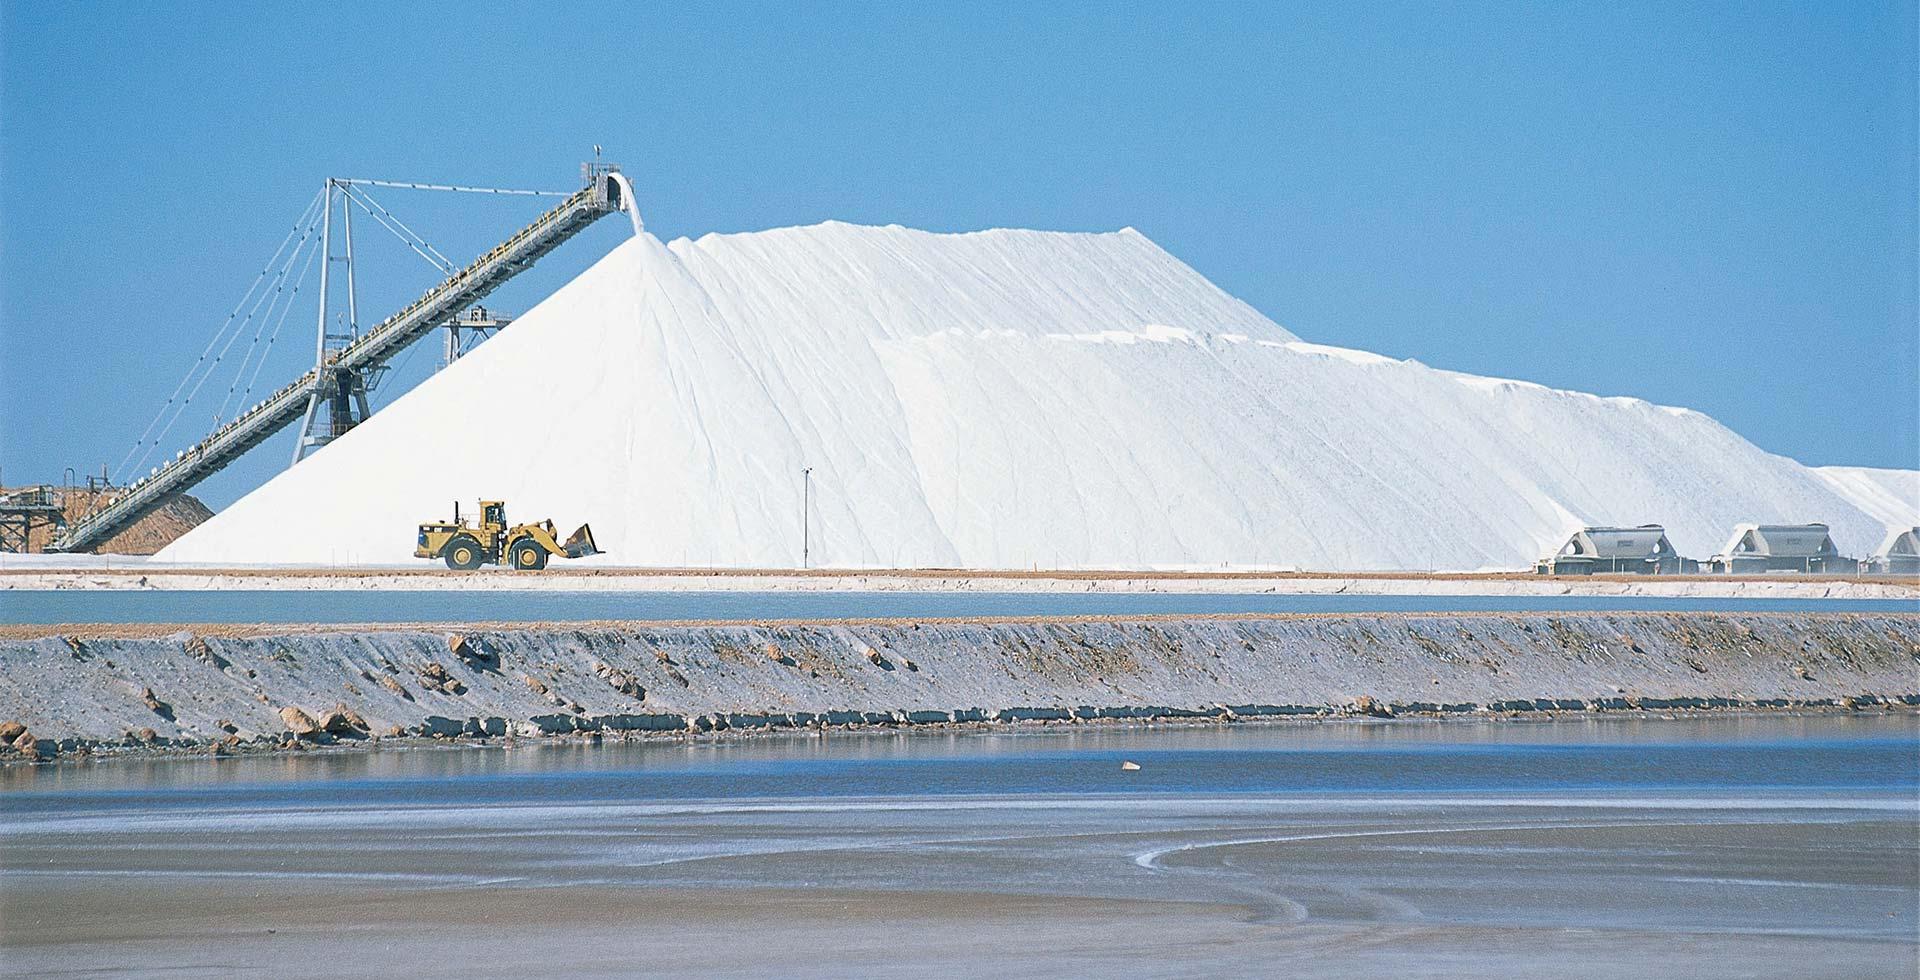 See the impressive Cargill Salt Flats in Port Hedland